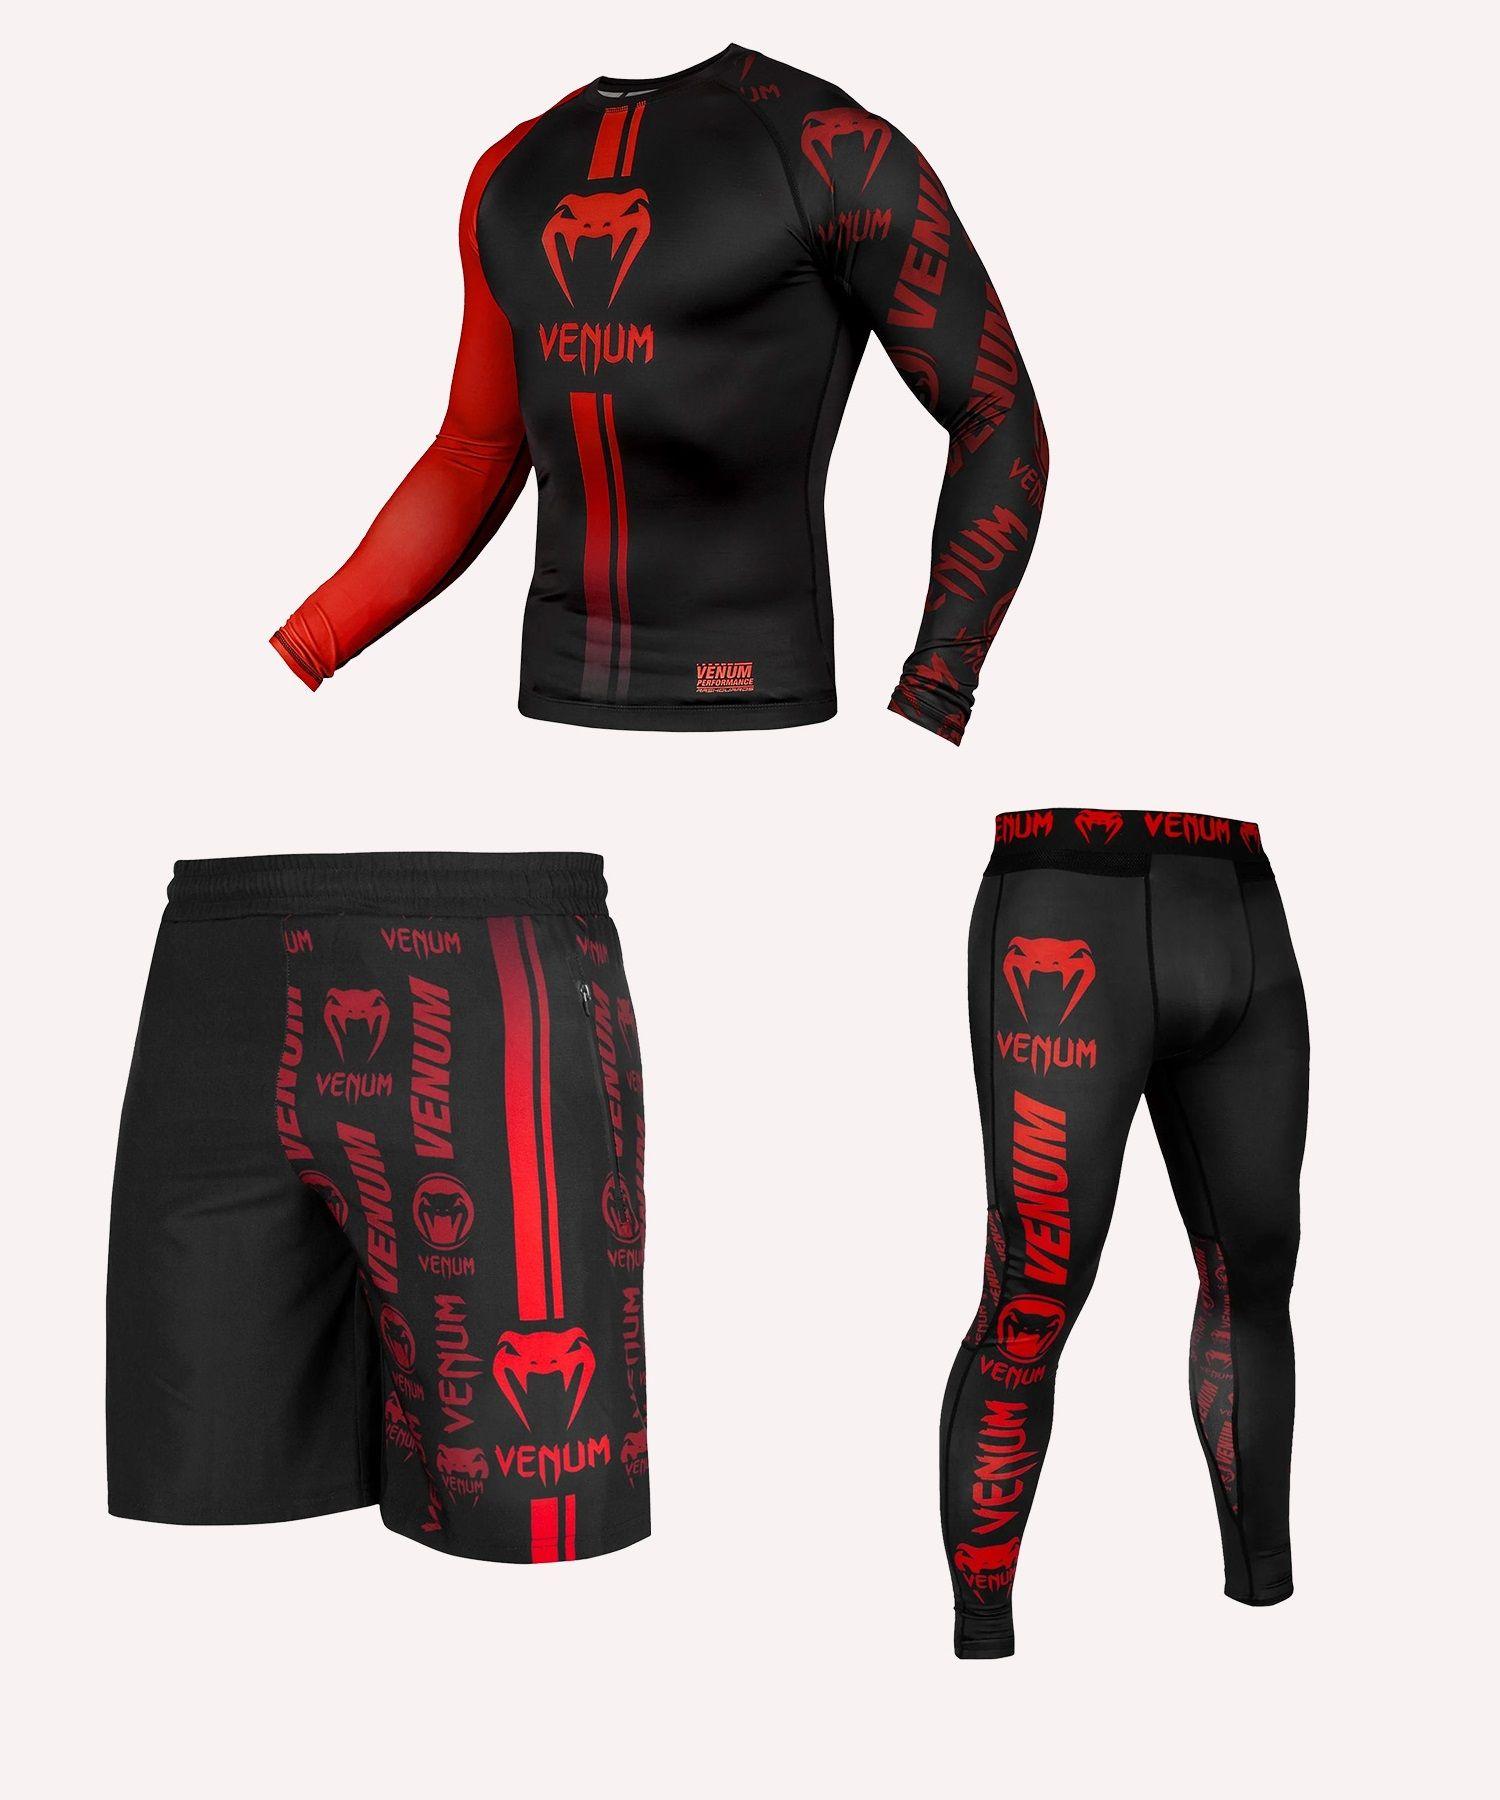 Venum Logos Black/Red ULTIMATE Pack - Long sleeves